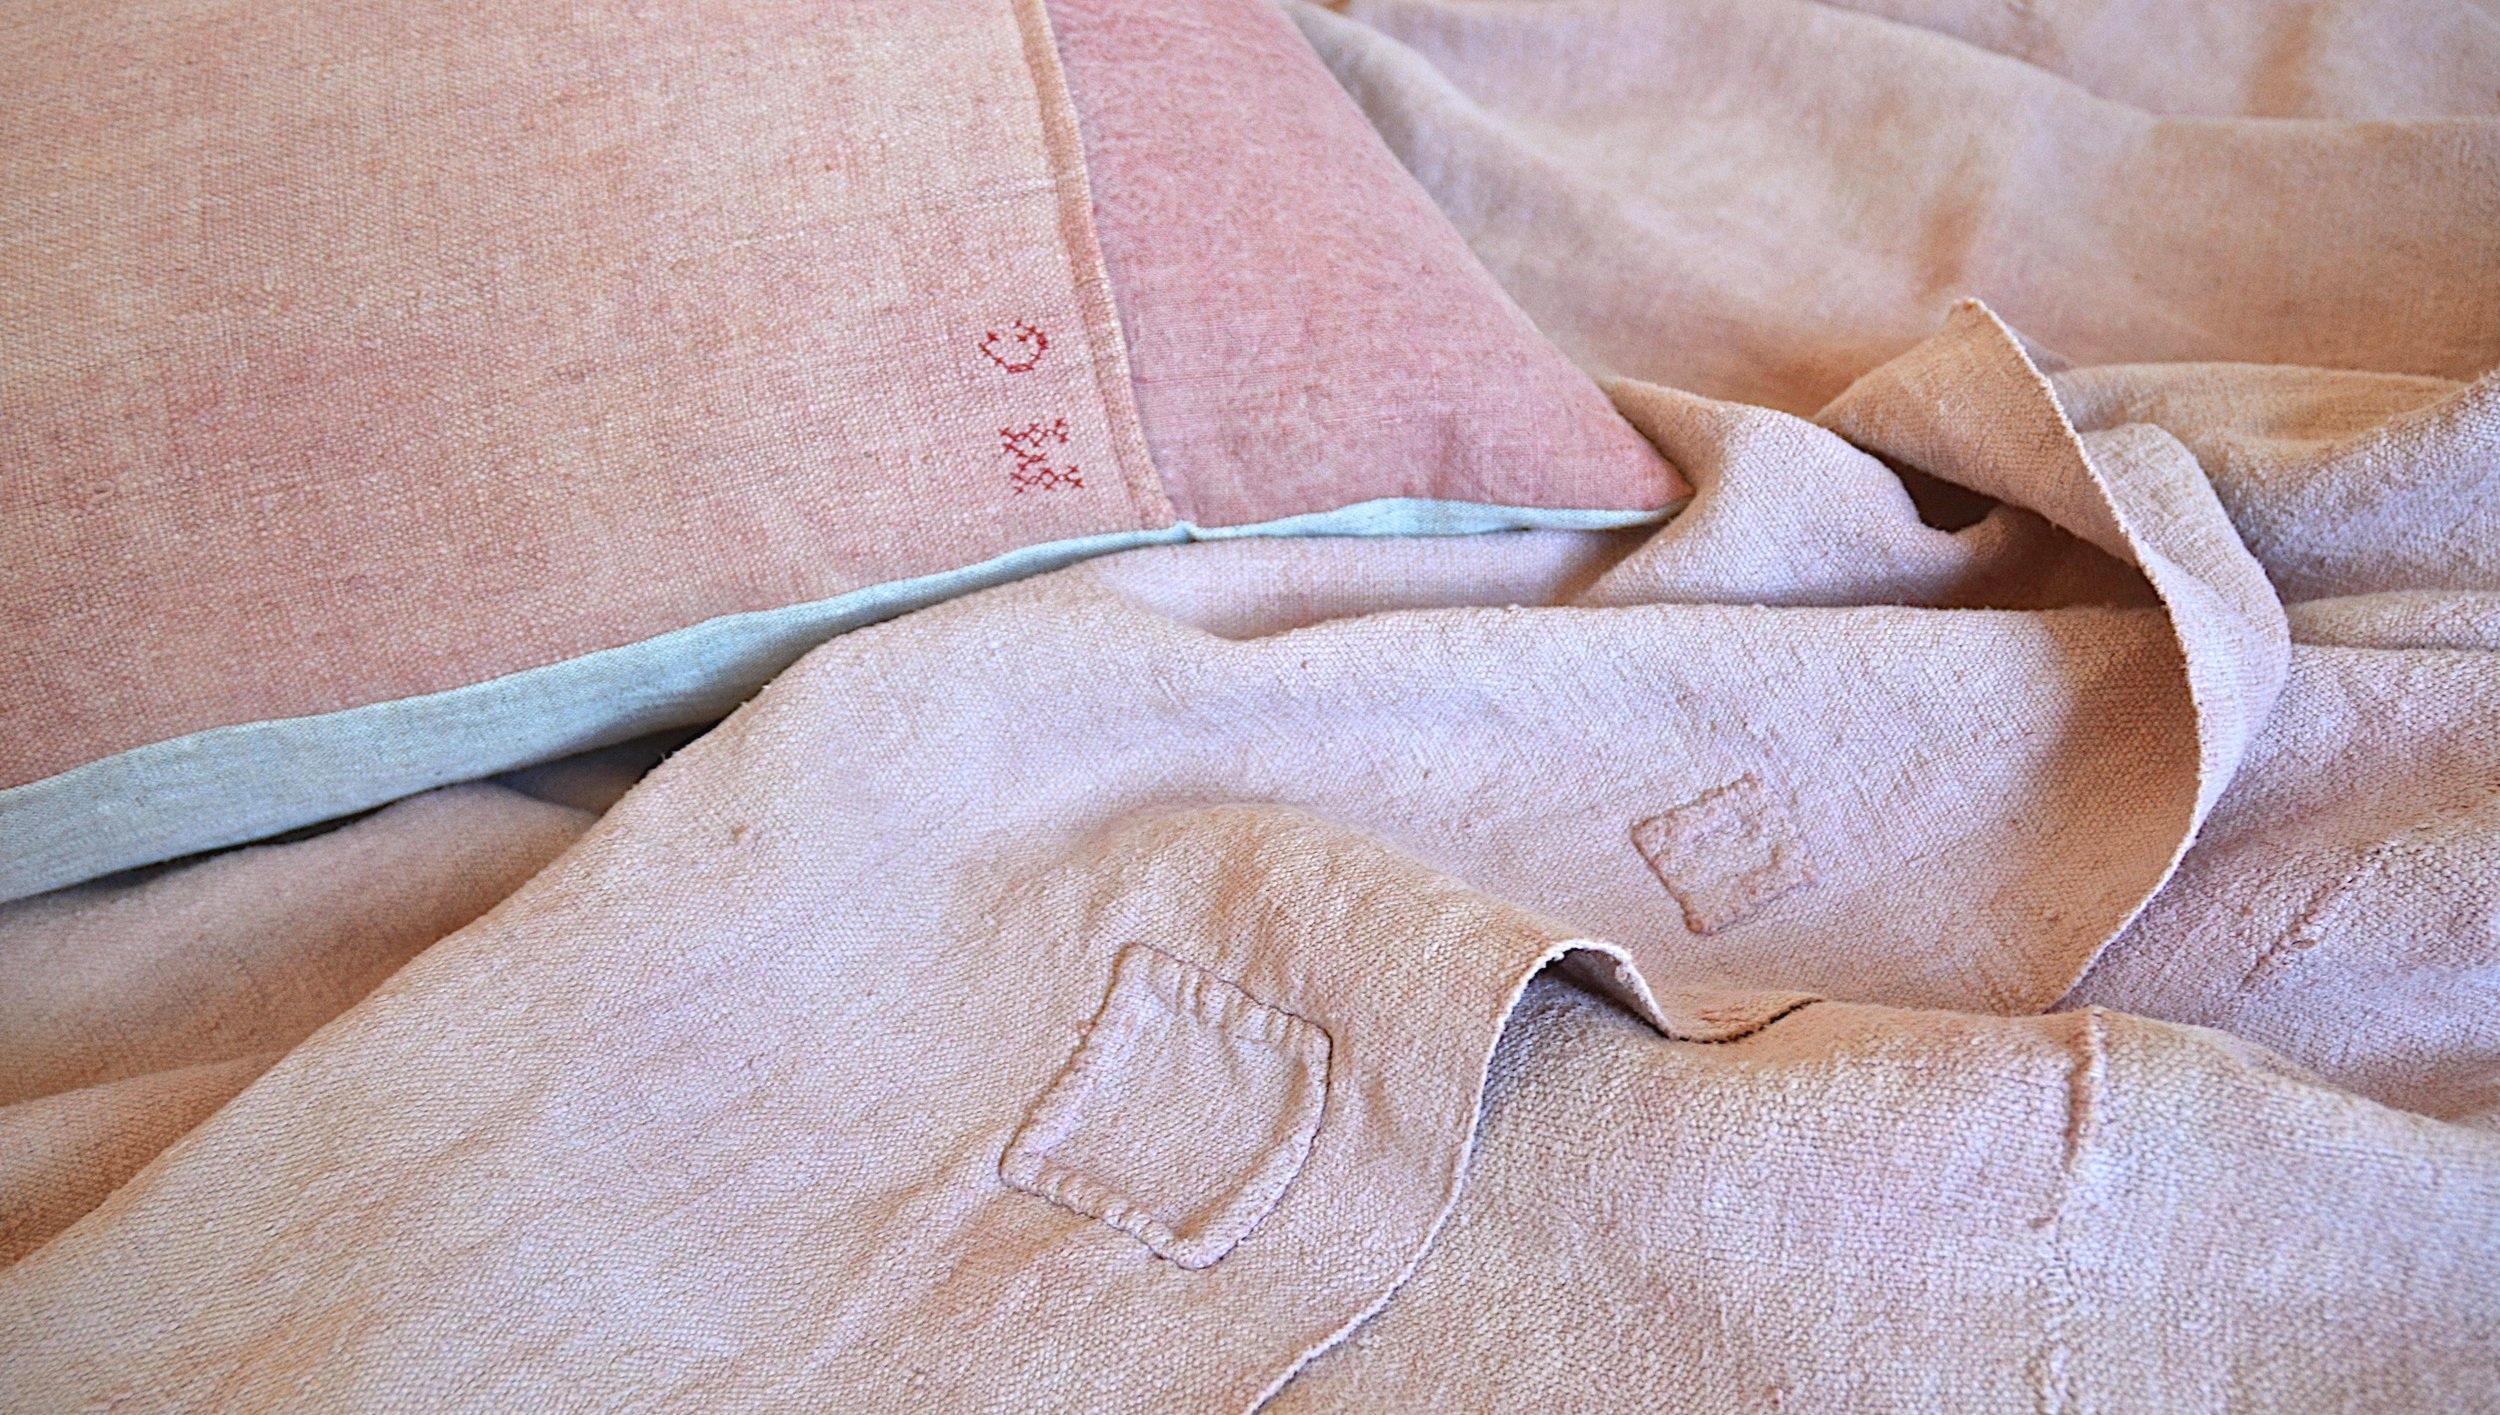 espanyolet_bedcover_quilt_bedding_vintage_blanket.jpg